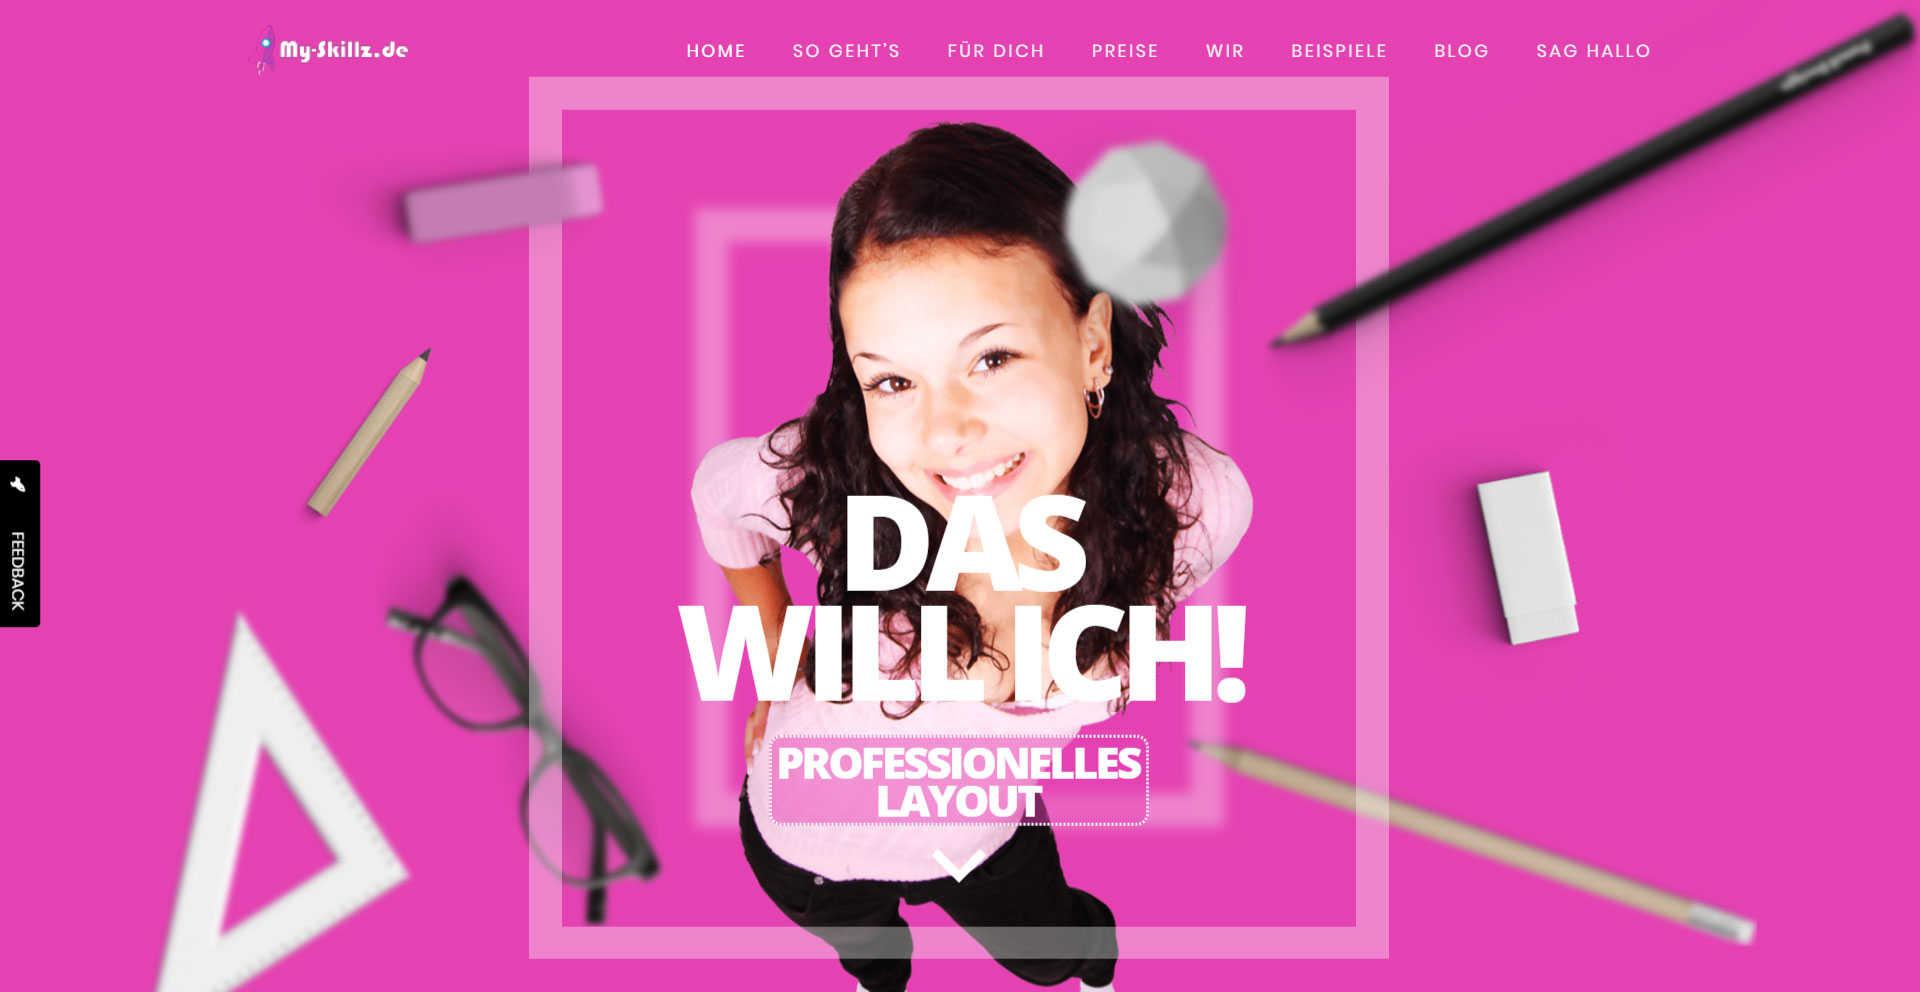 My Skillz - Webdesign für Bewerber - Ibbenbüren